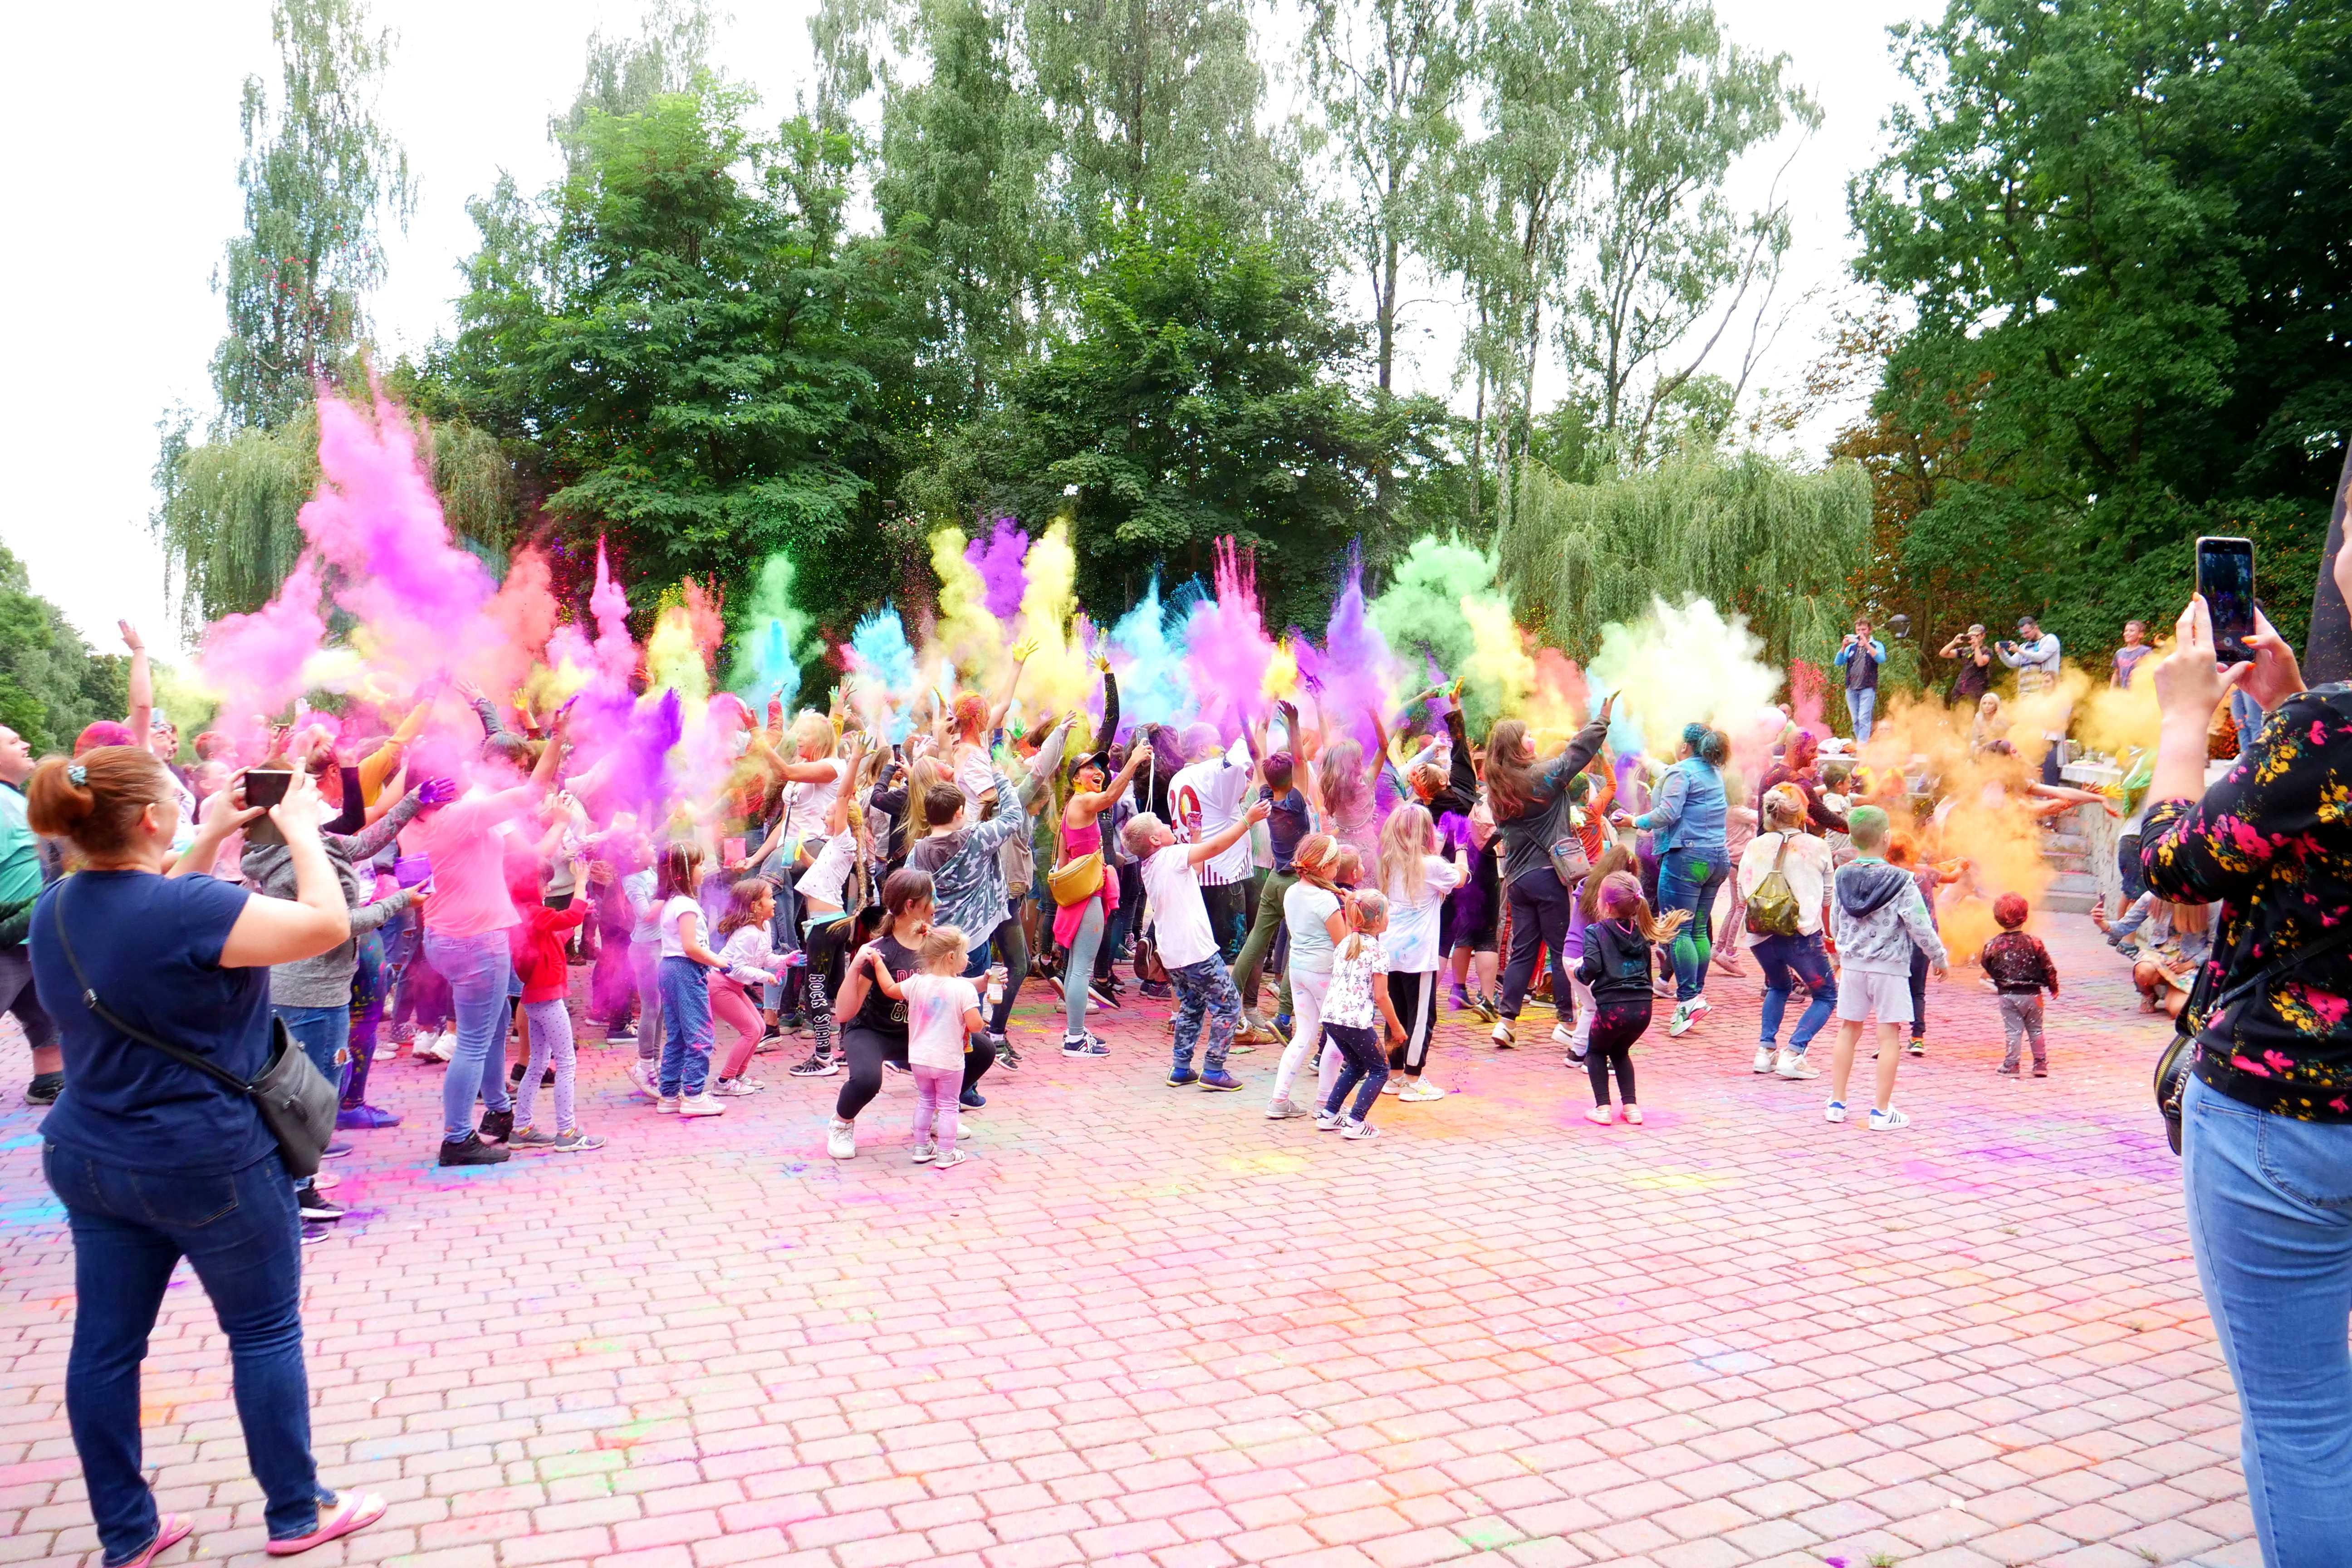 Uczestnicy wydarzenia Holi Święto Kolorów - festiwal Kolorów w Wojkowicach w Parku Miejskim w Wojkowicach